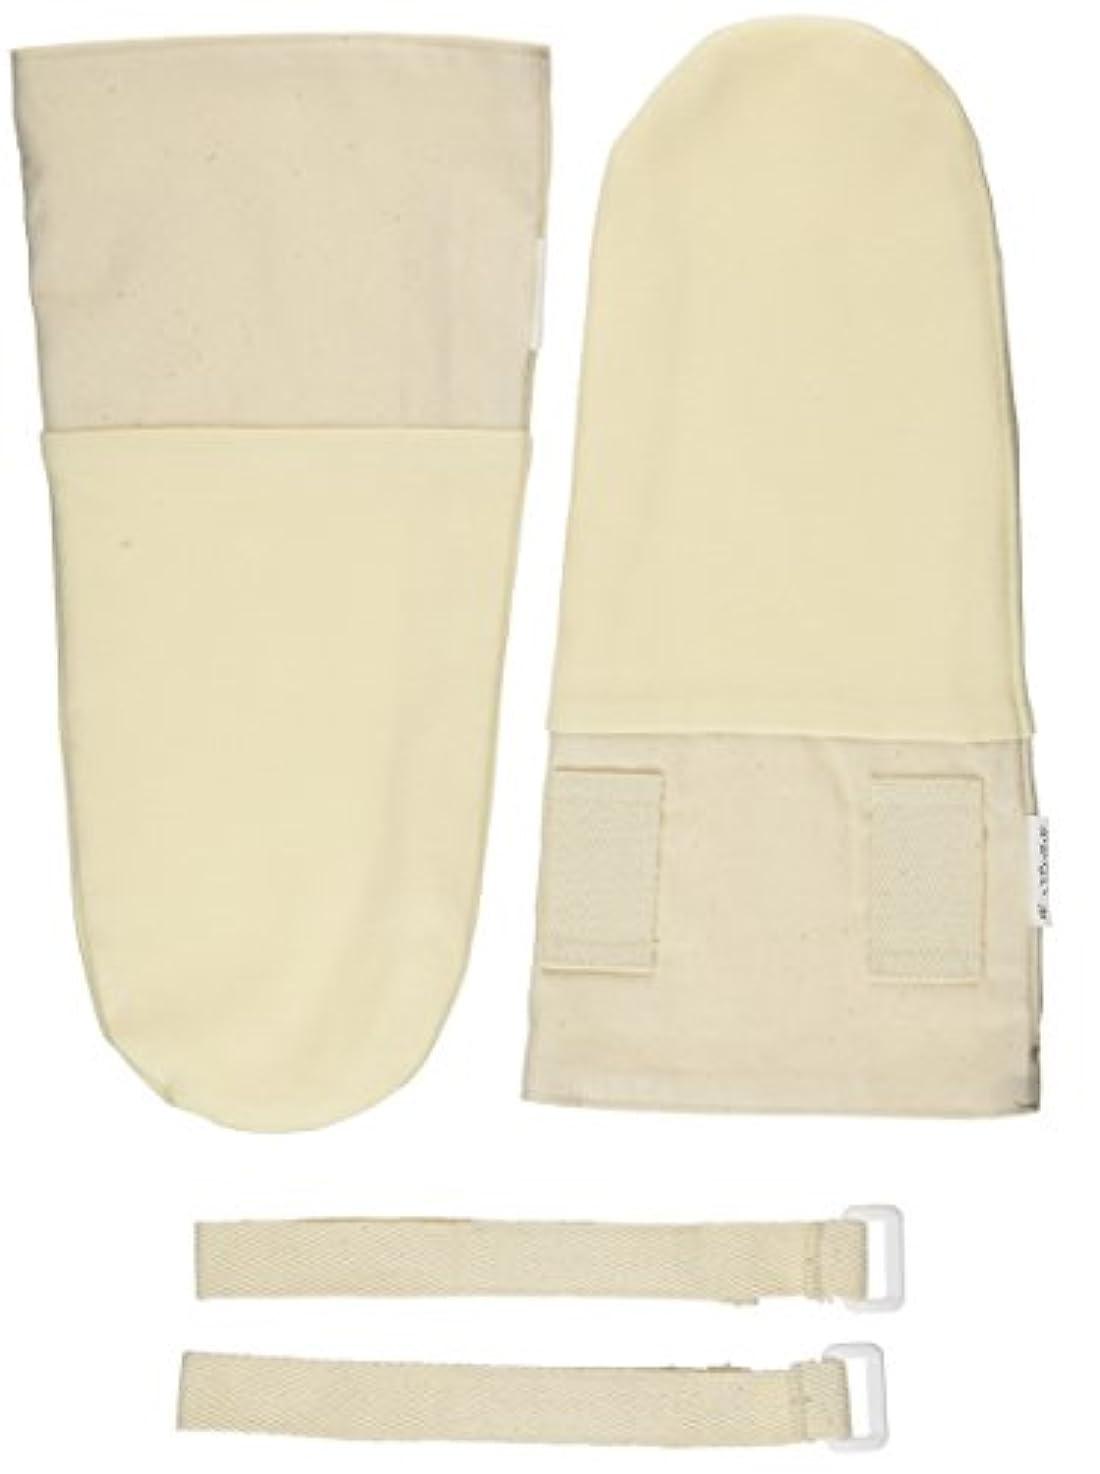 順番小道具マニアック寝るときかかない手袋 フリーサイズ[大人用]